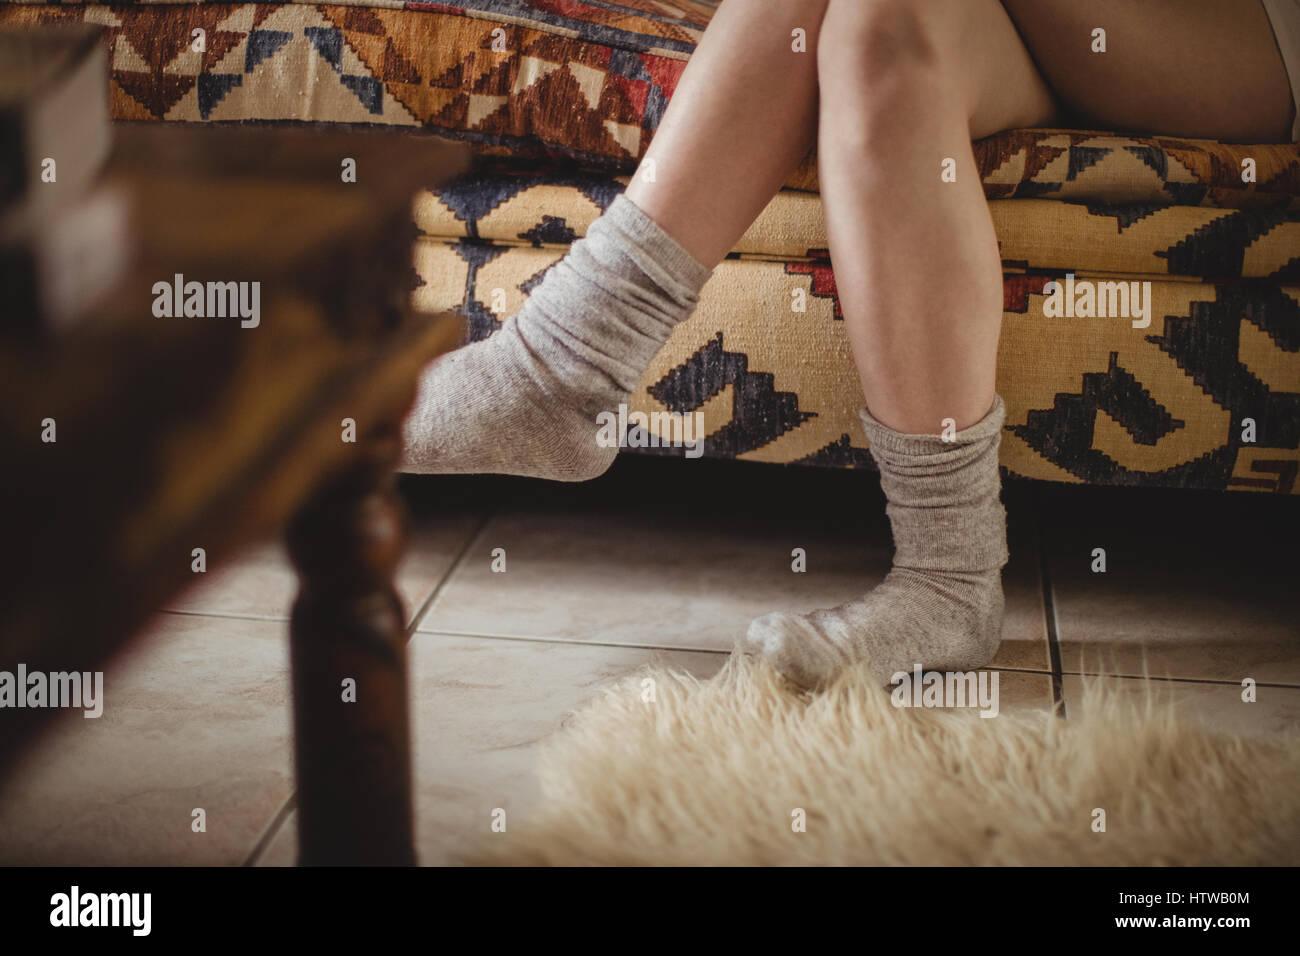 chaussettes femme portant assis sur un canape avec les jambes croisees